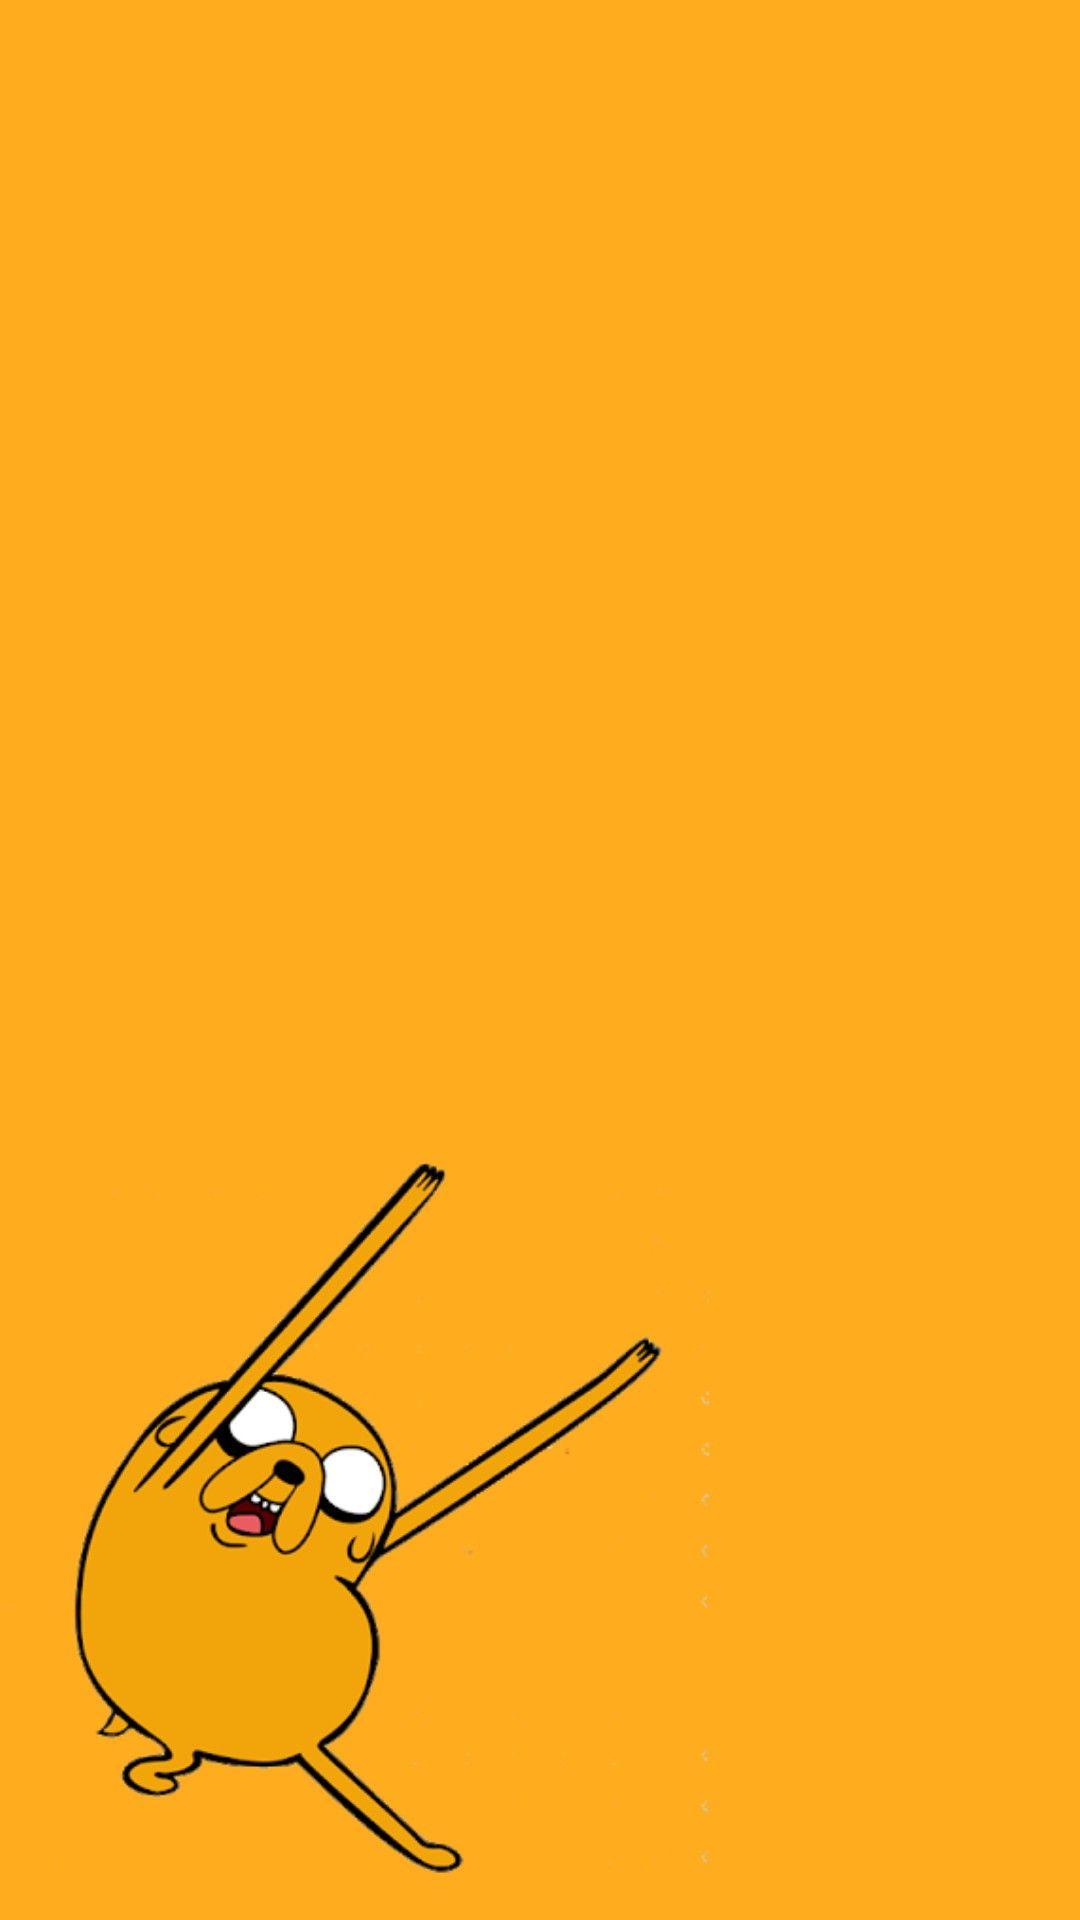 Jake Wallpaper Nerd Adventuretime Lock Screens And Backgrounds